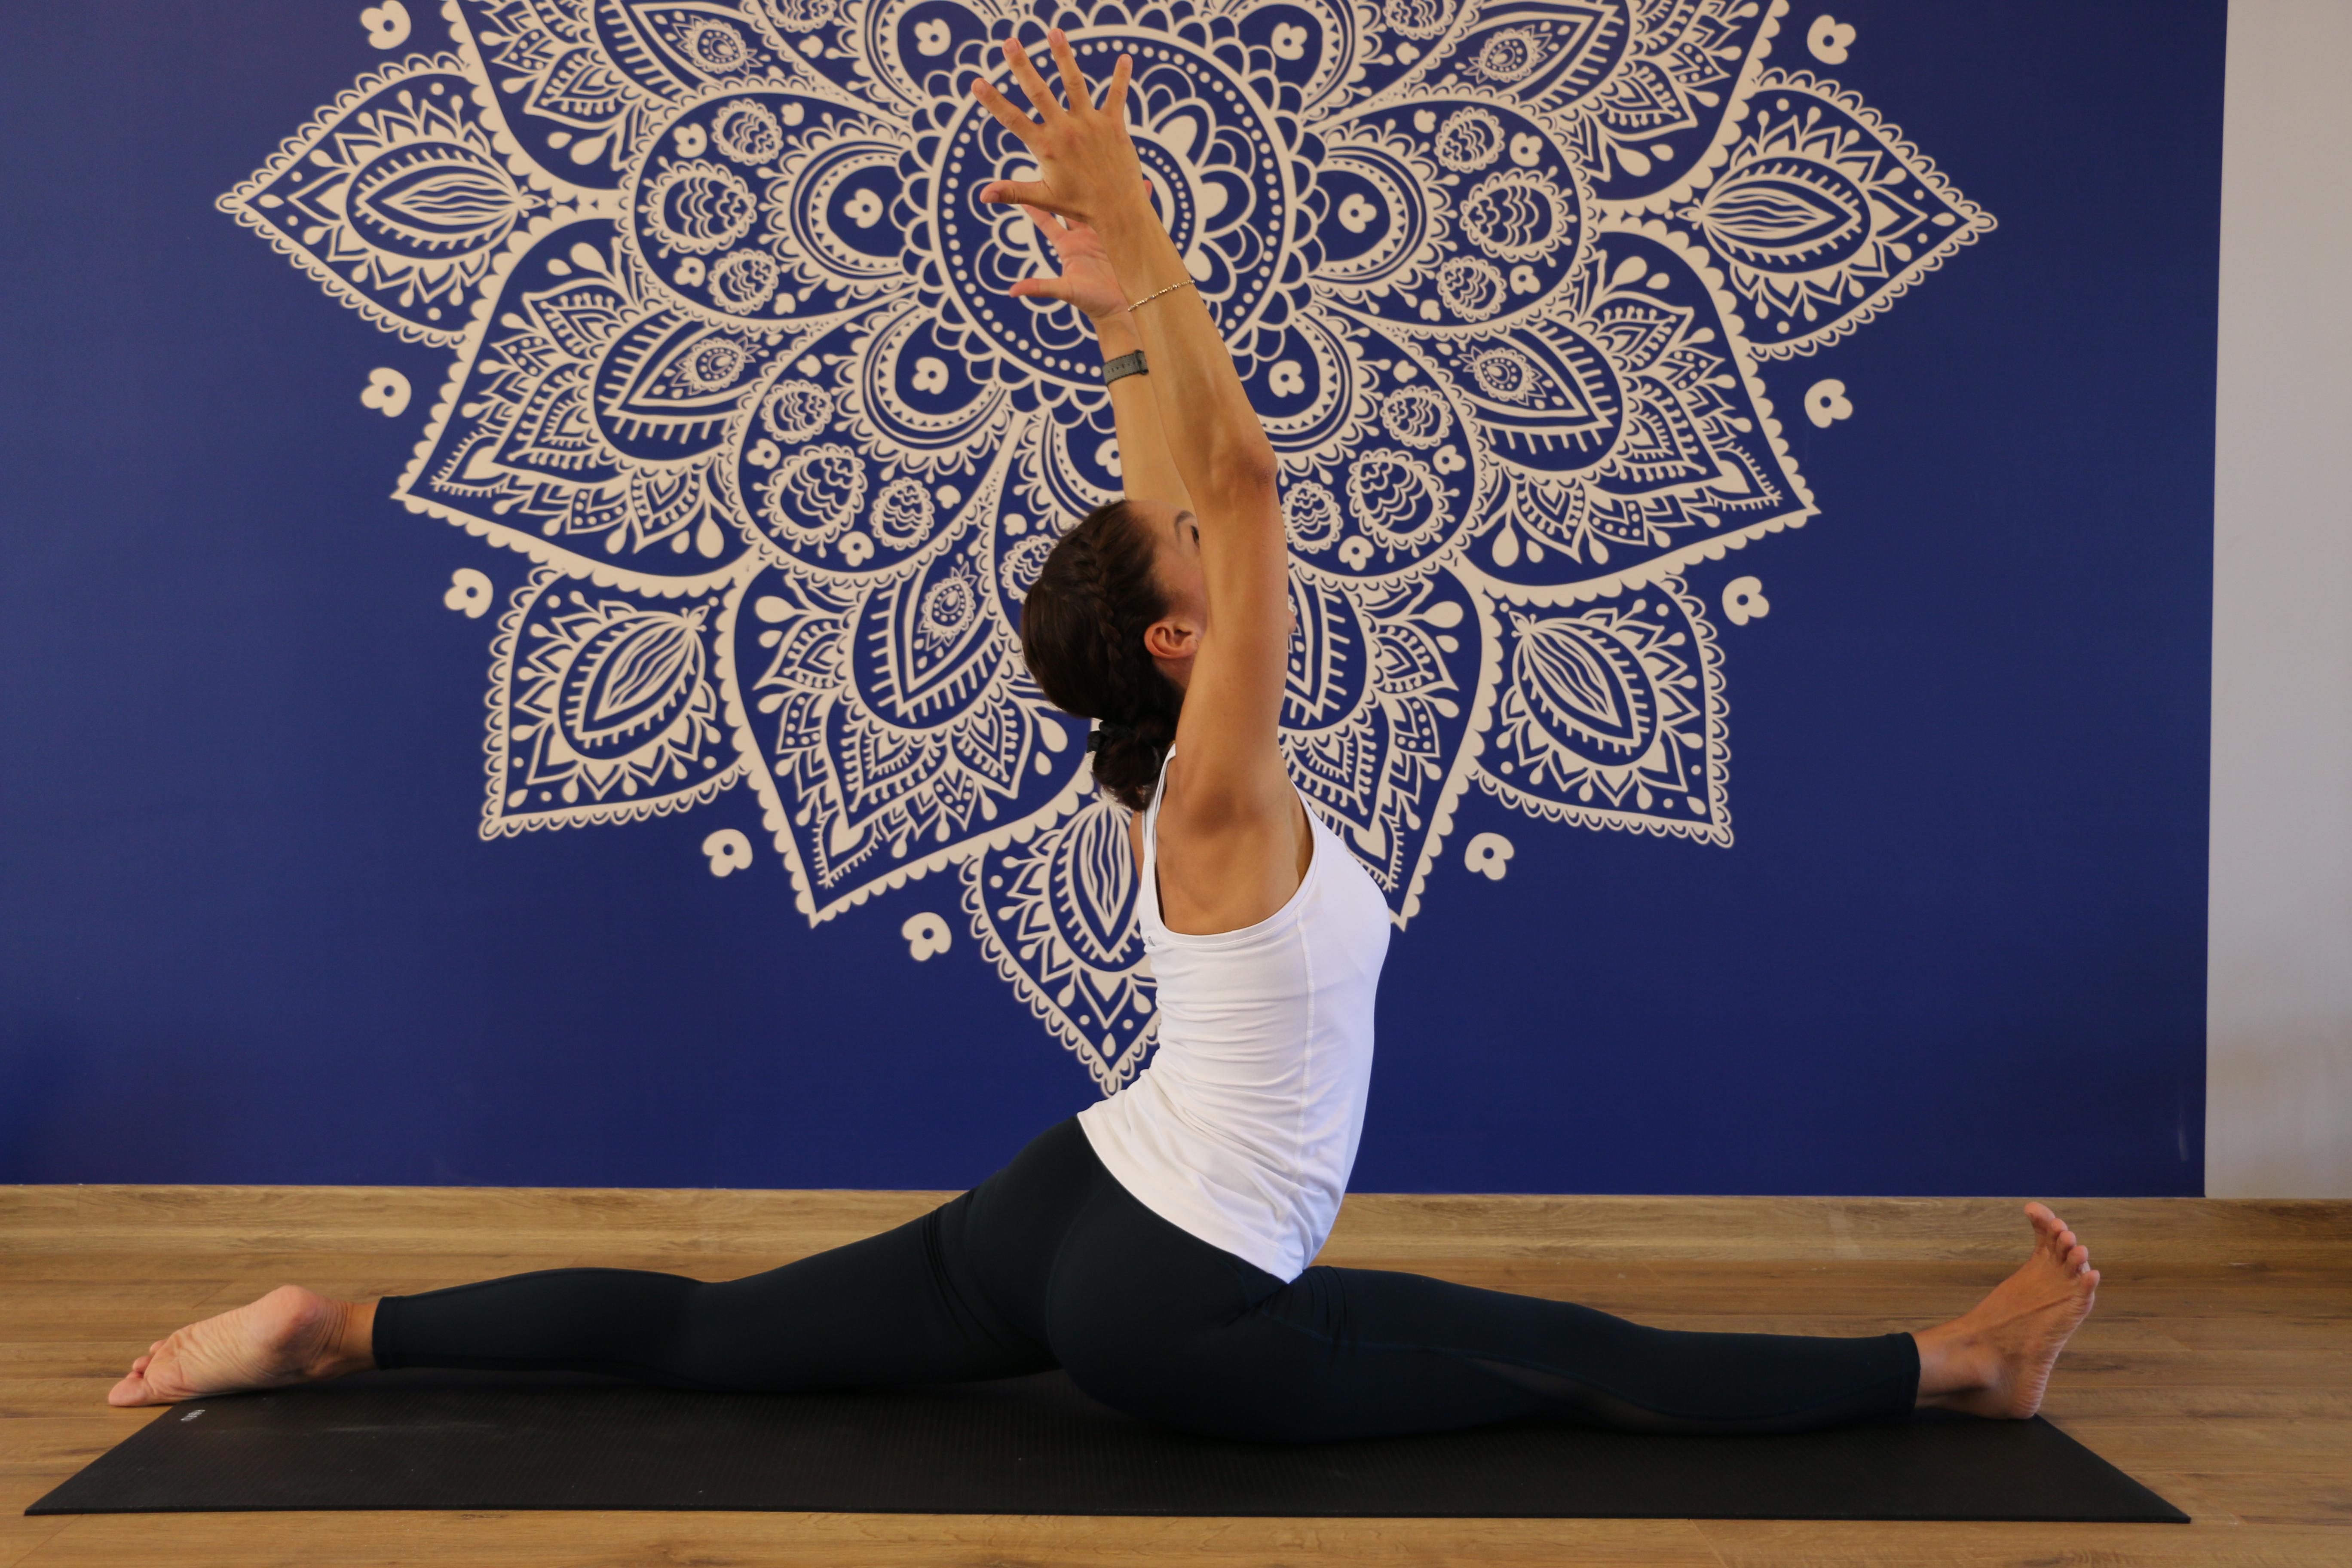 bacaklarını açmış bir yoga yapan kadın